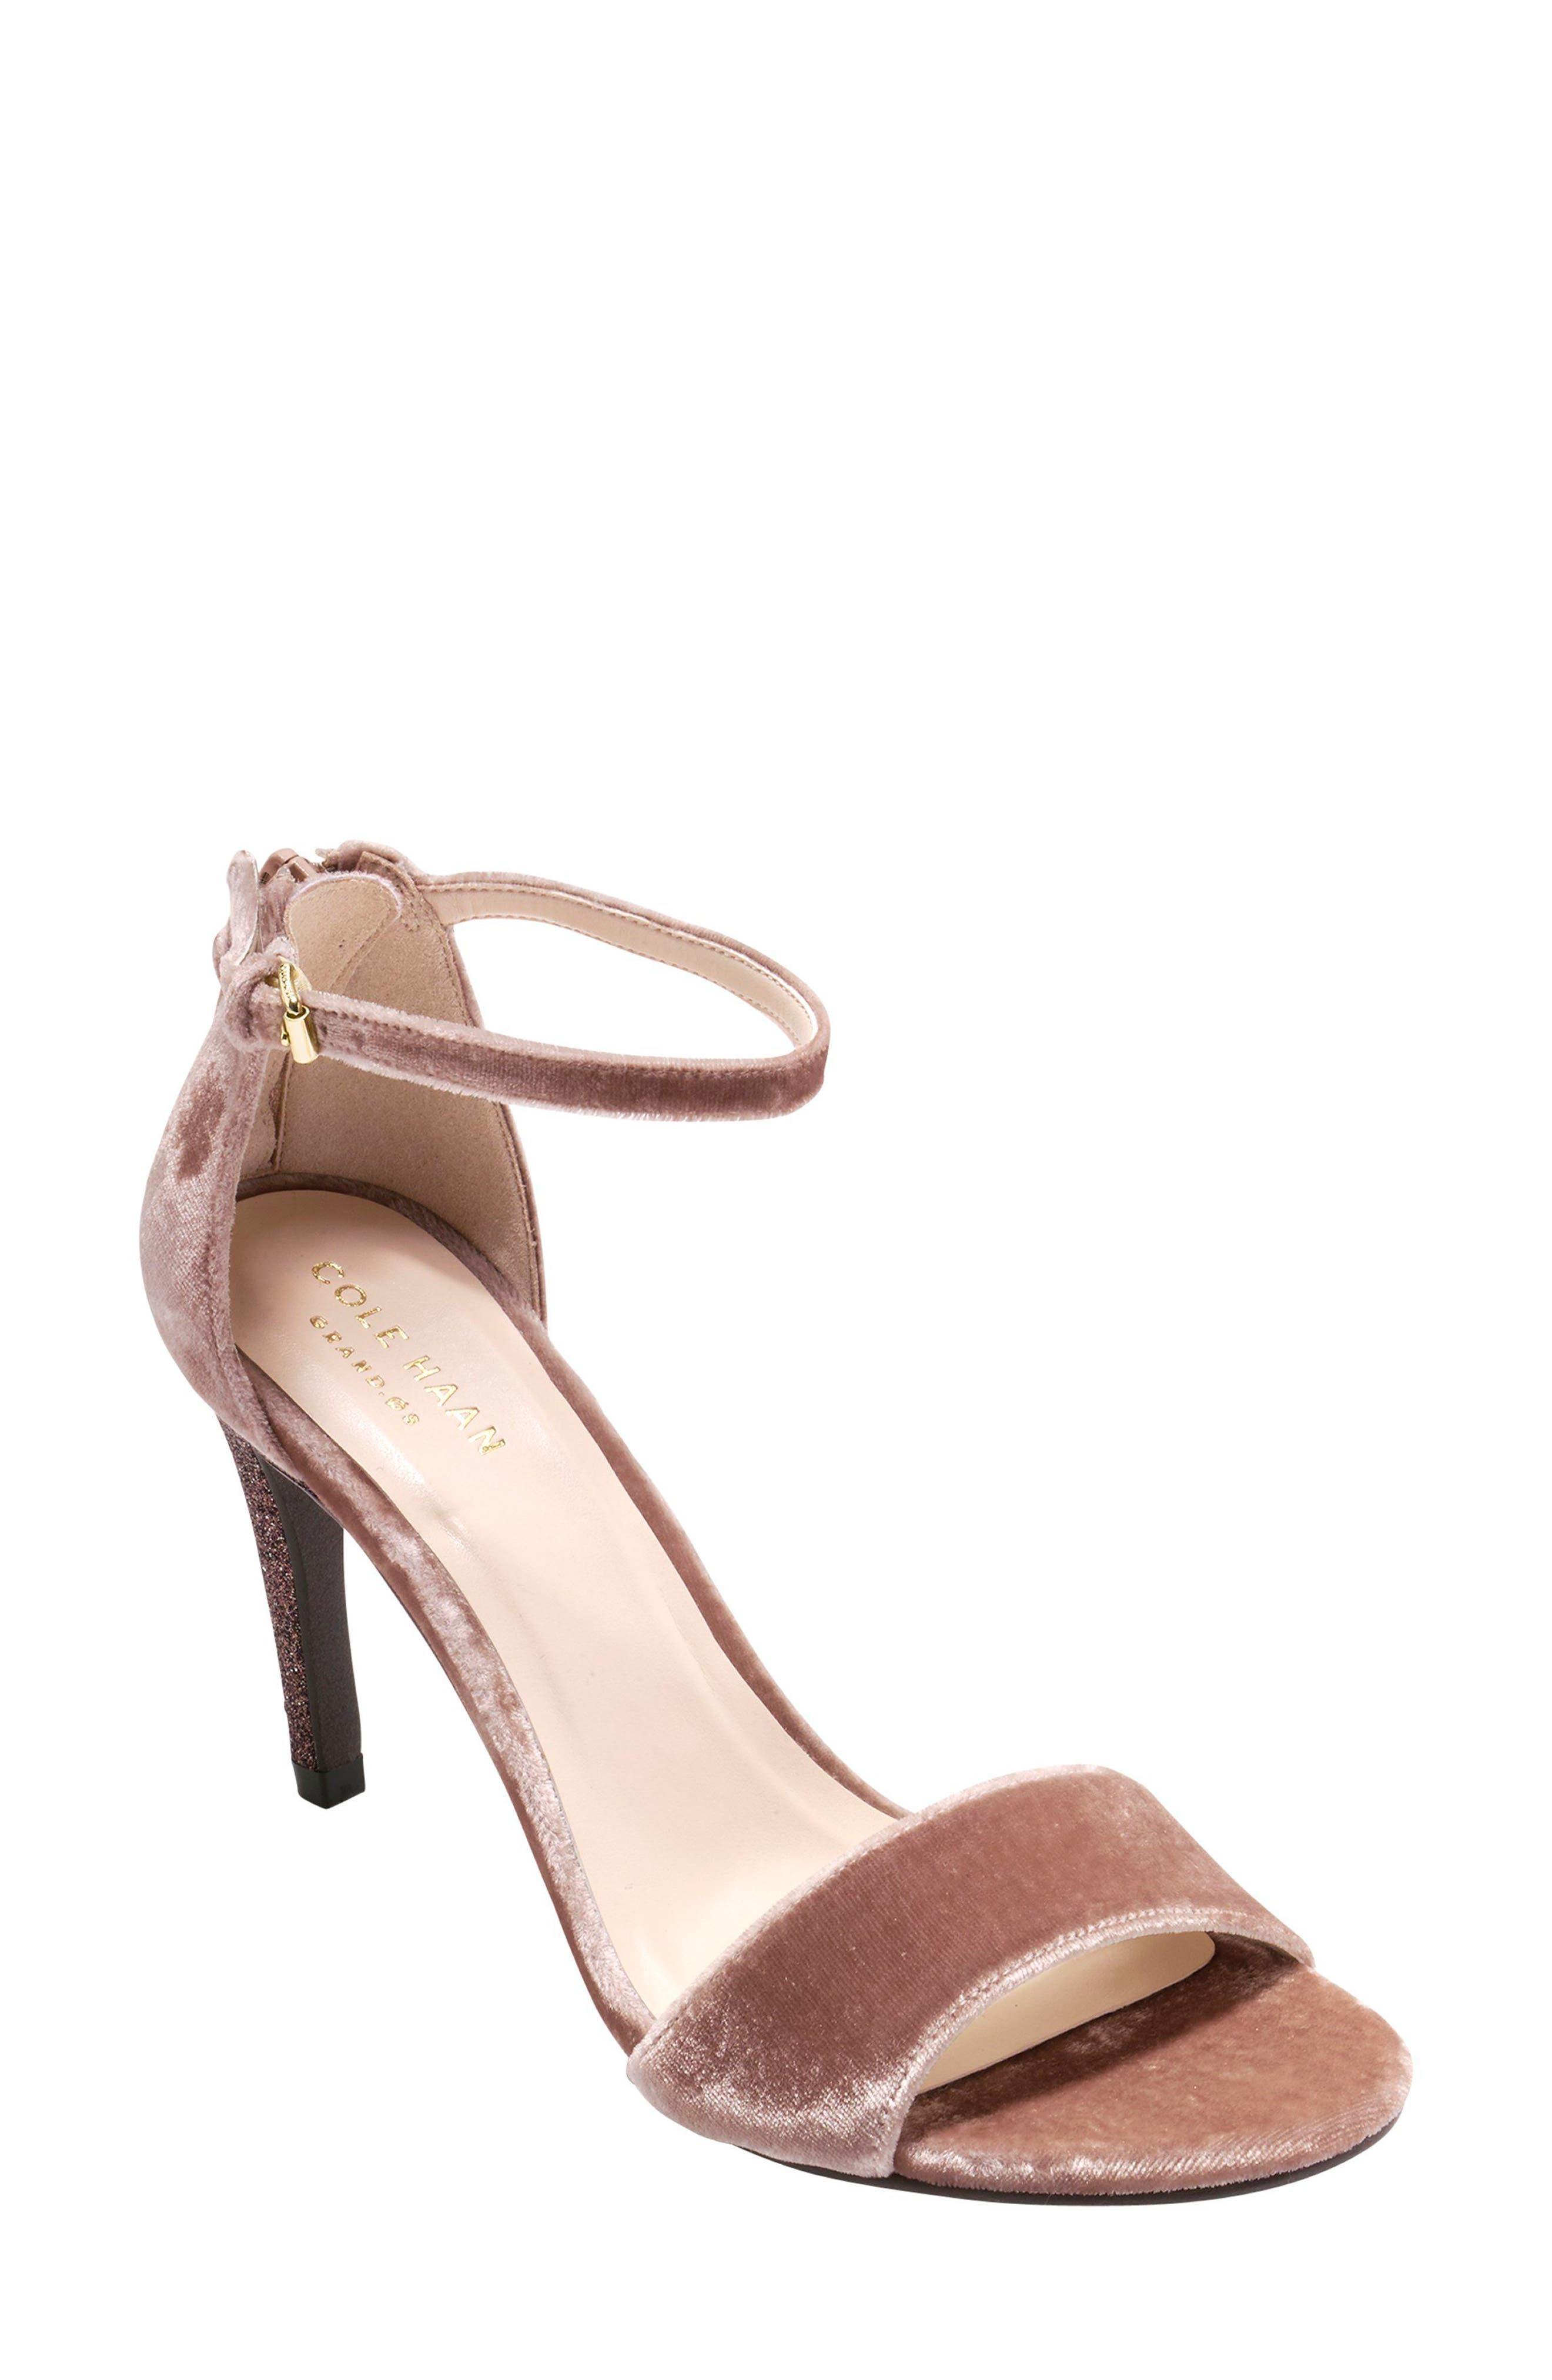 Clara Grand Ankle Strap Sandal,                             Main thumbnail 1, color,                             Nude Velvet